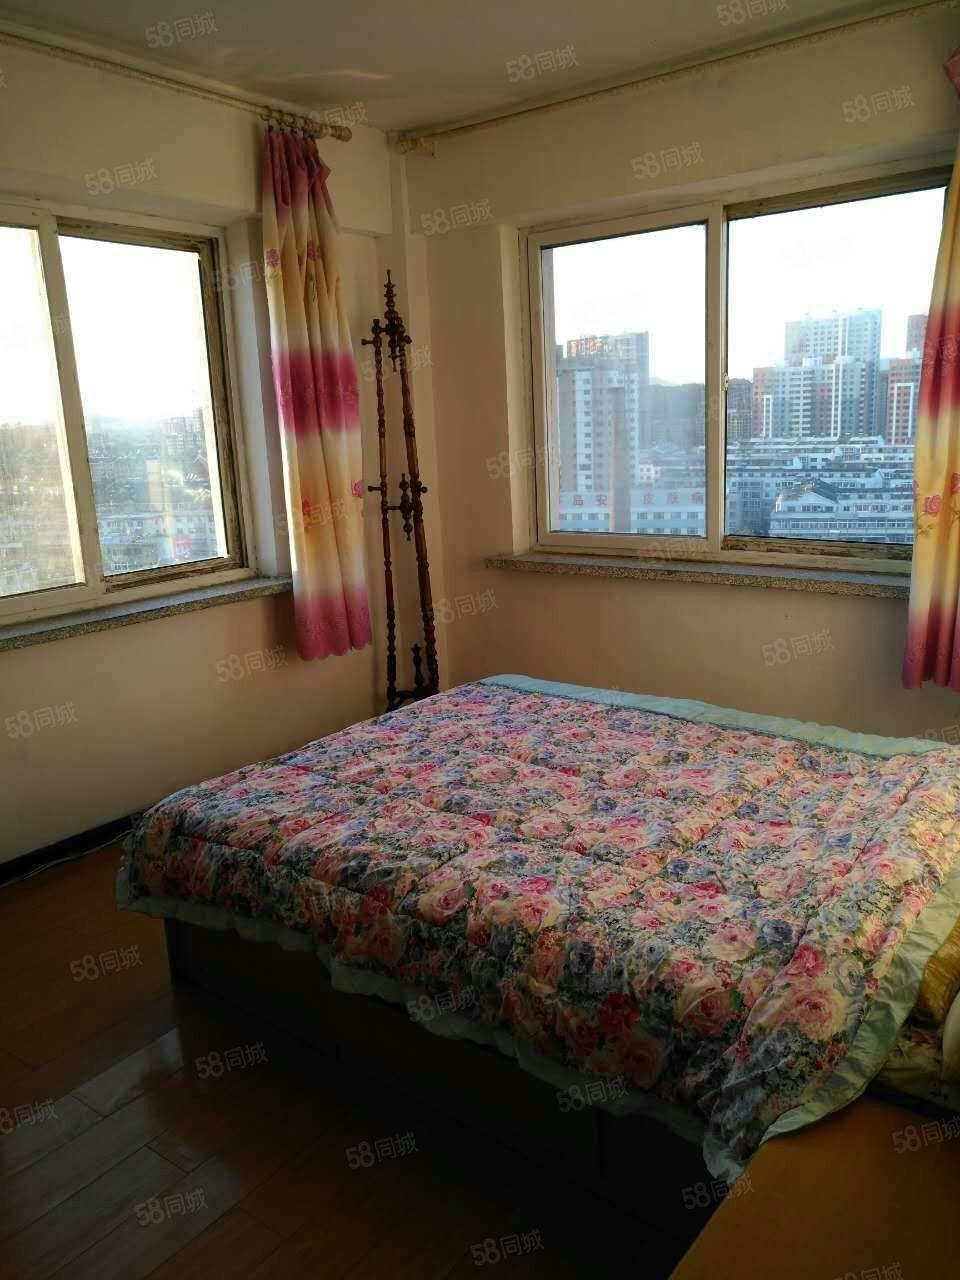 新大陆高层二室一厅69平14层简单装修年租金7000元不包暖